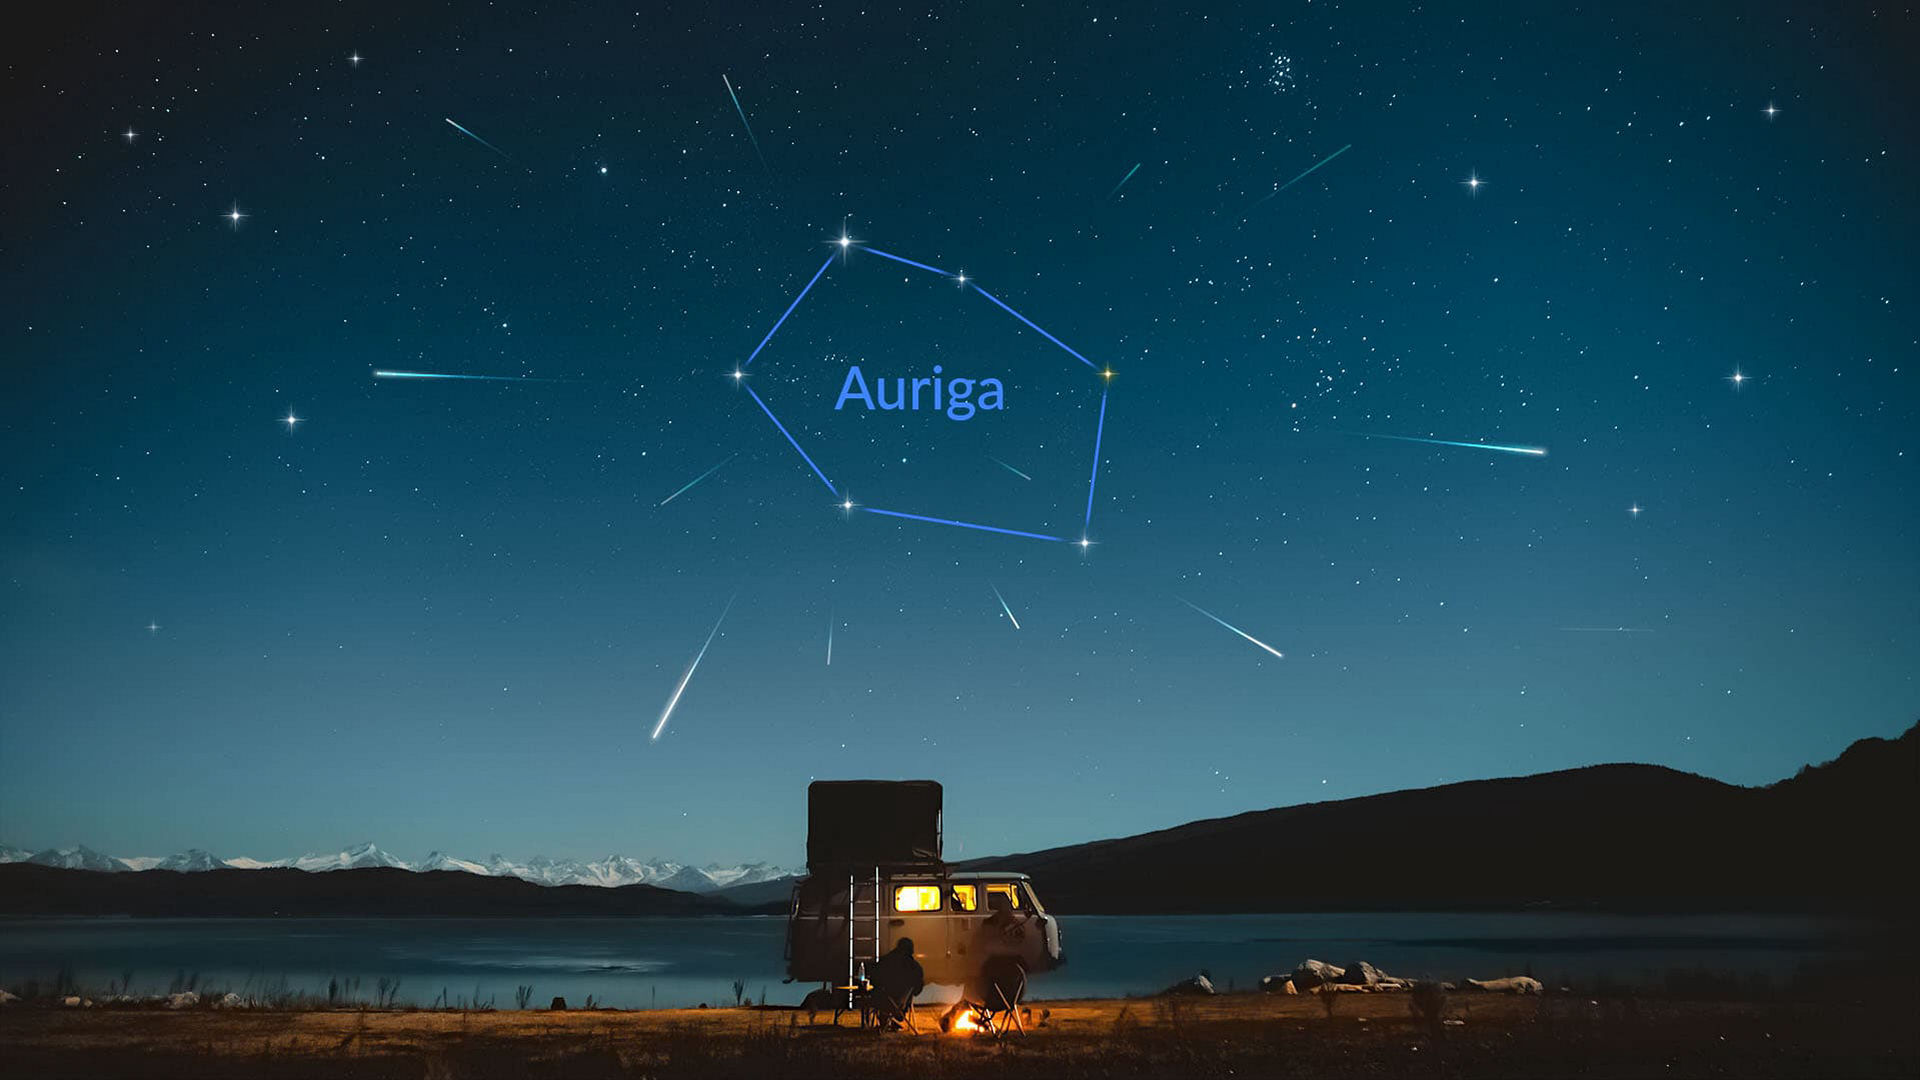 A chuva de meteoros Alfa-Aurigídeas